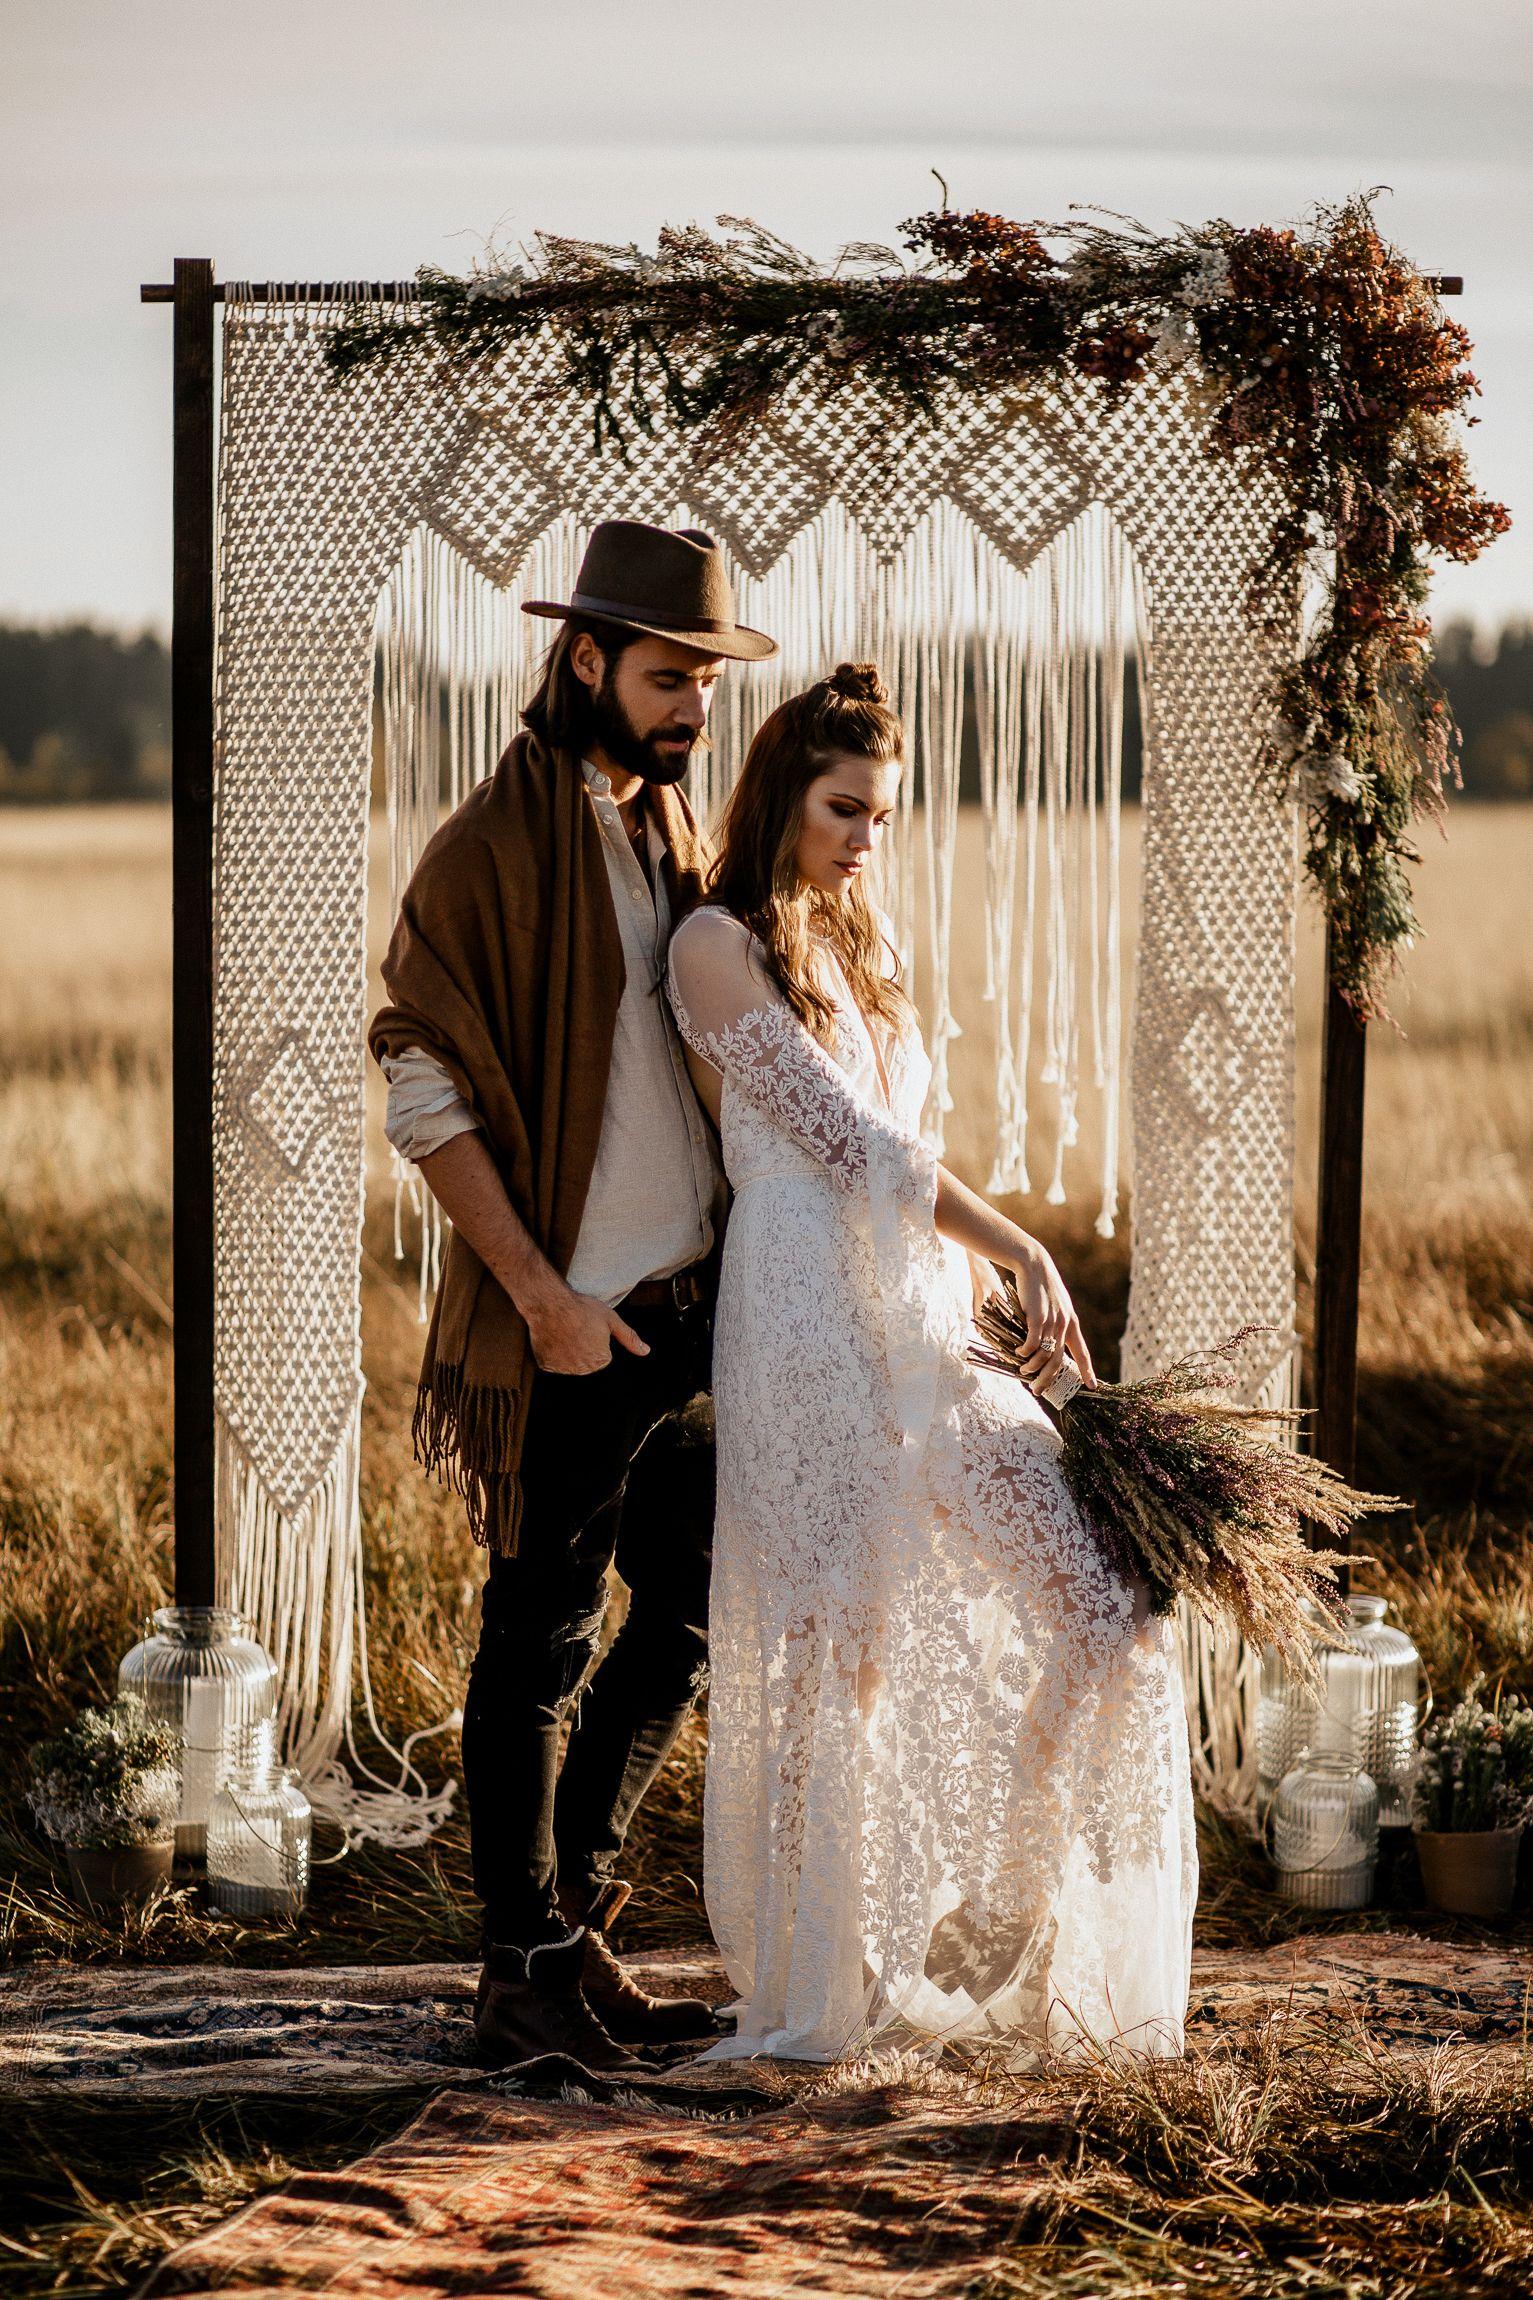 Wedding decorations arch  Macrame wedding backdrop macrame arch macrame boho decor wedding